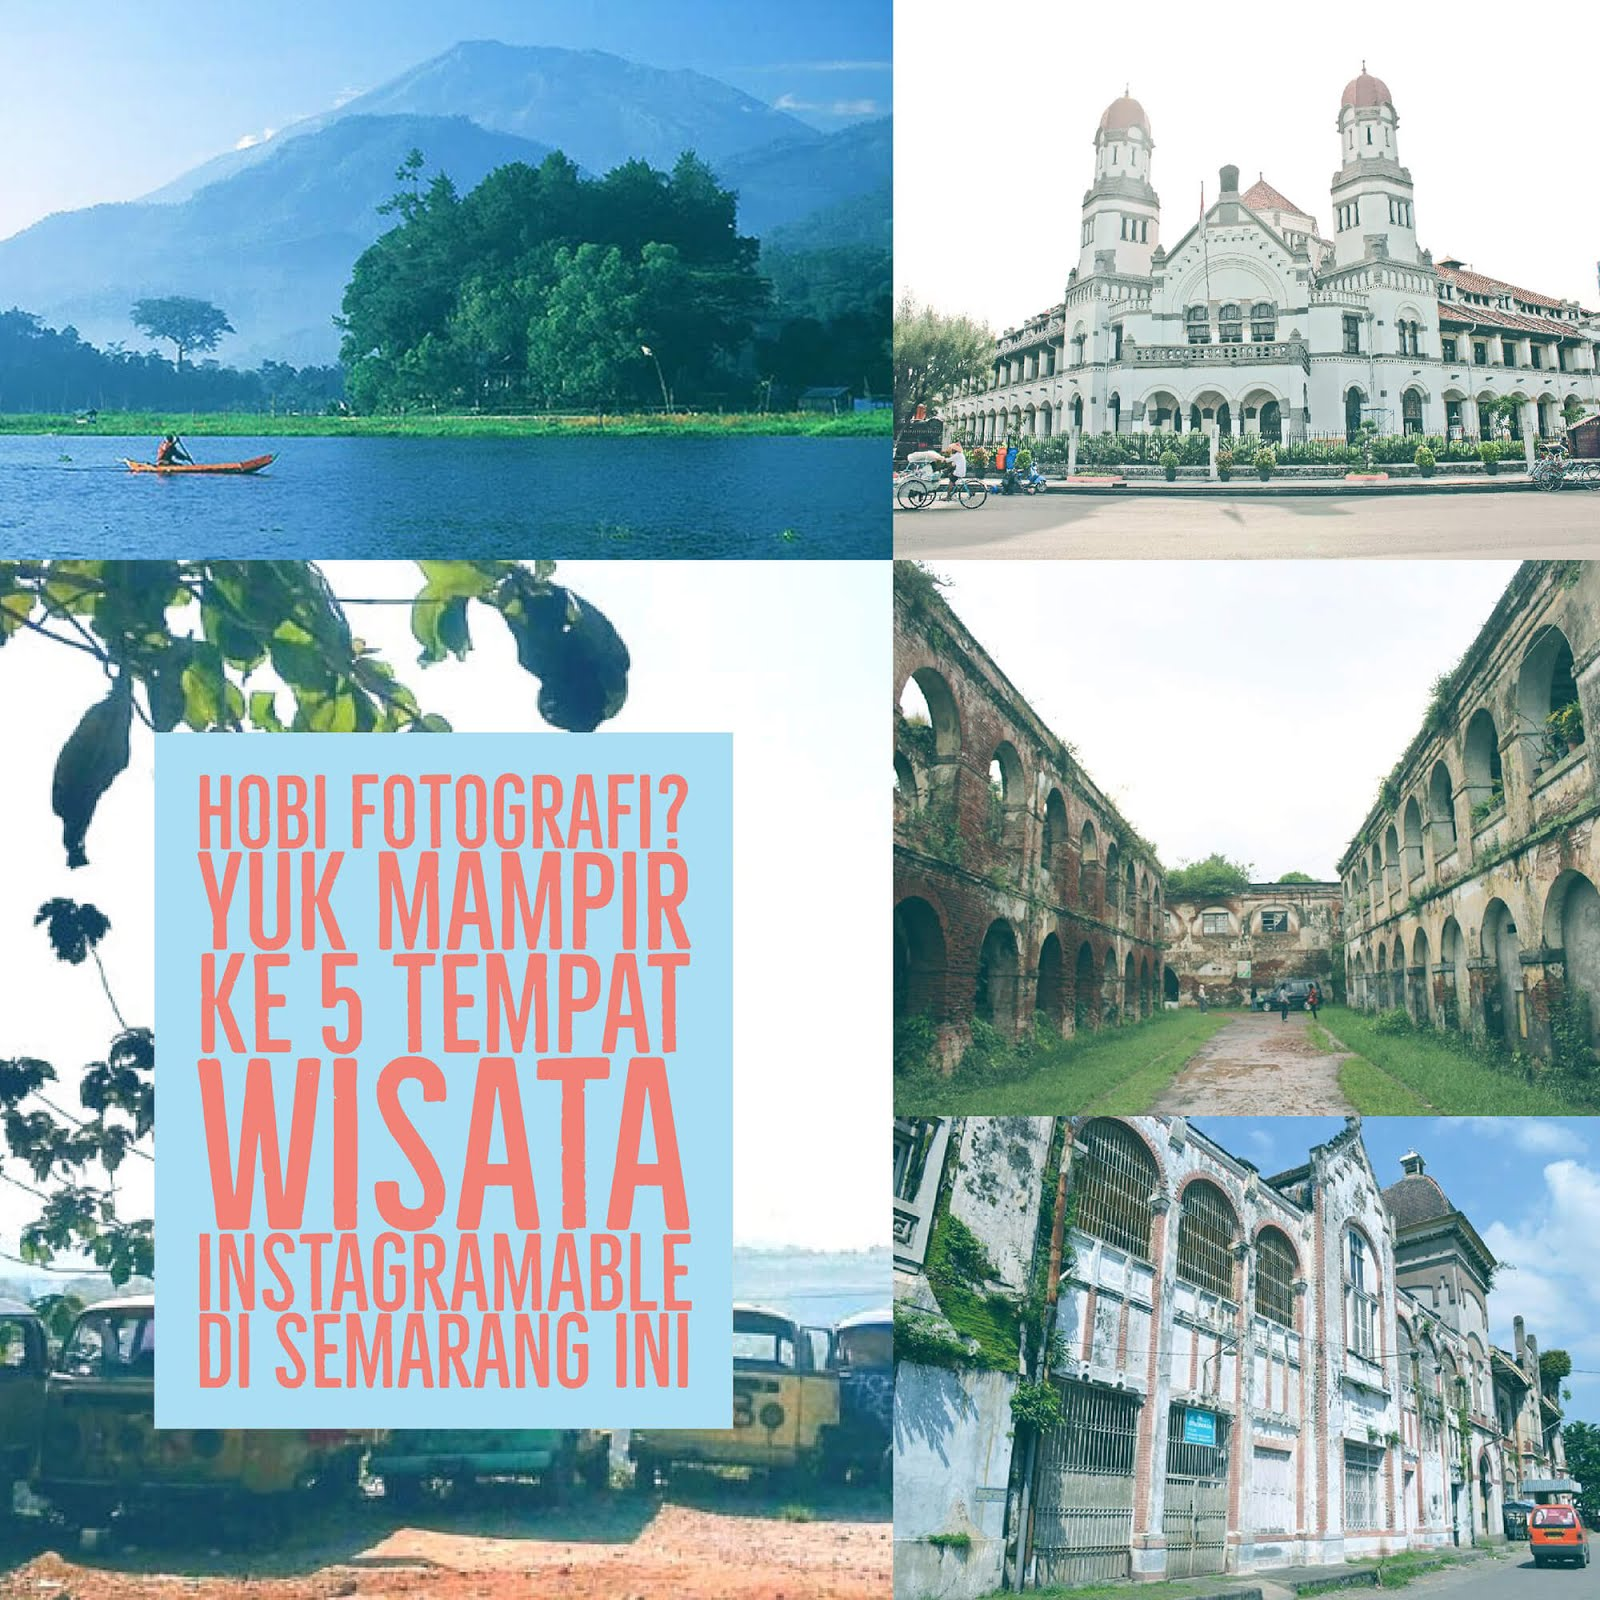 5 Tempat Wisata Instagramable di Semarang